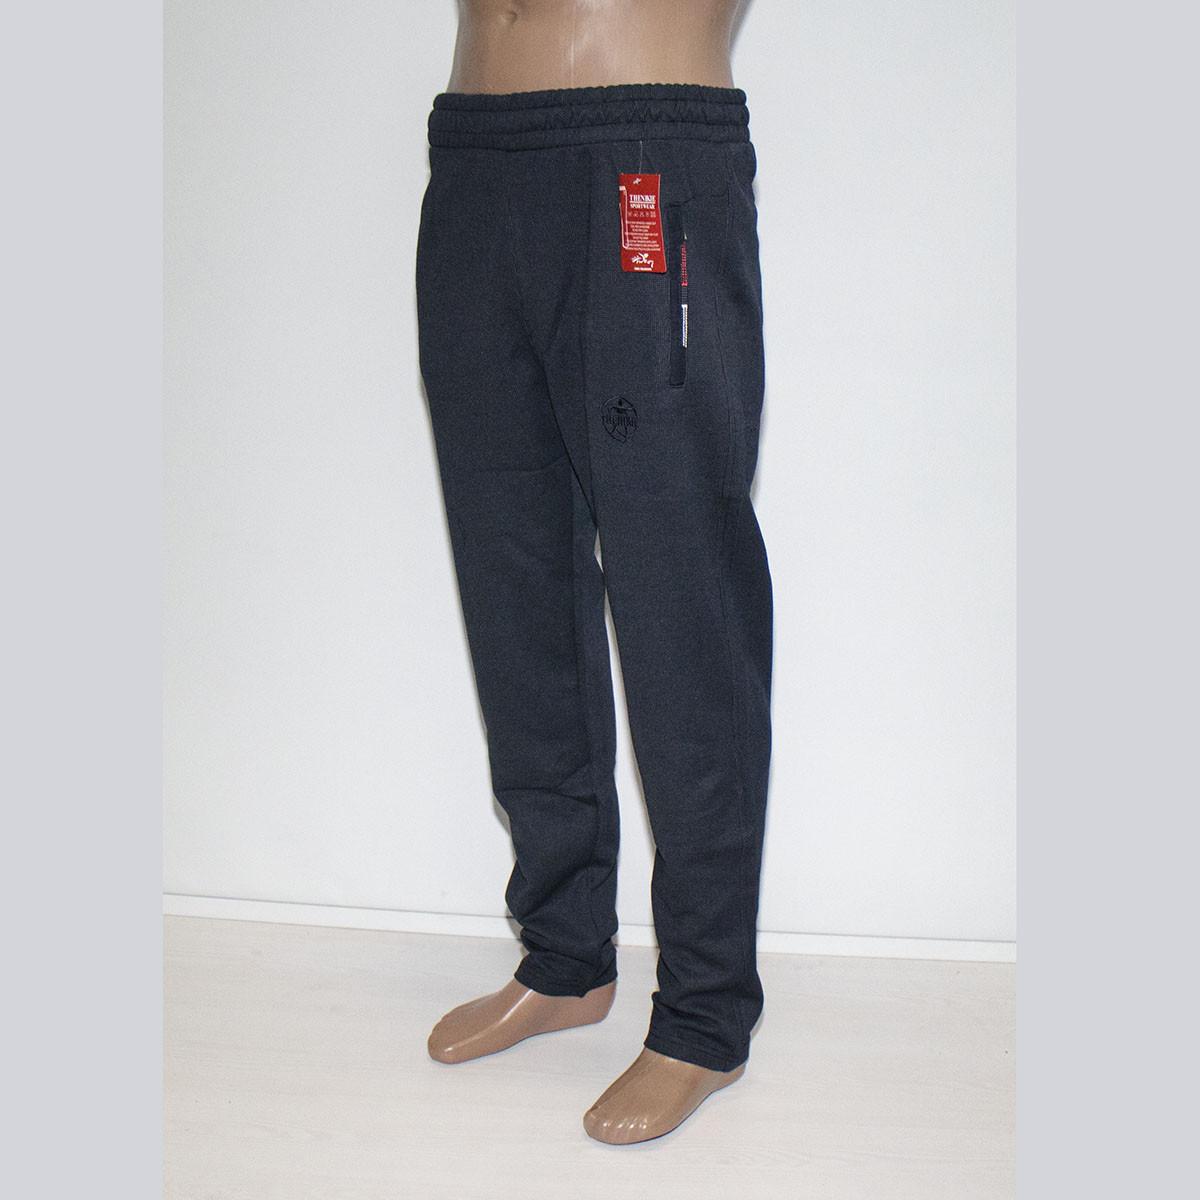 Мужские спортивные штаны лакоста фабрика Турция 3234